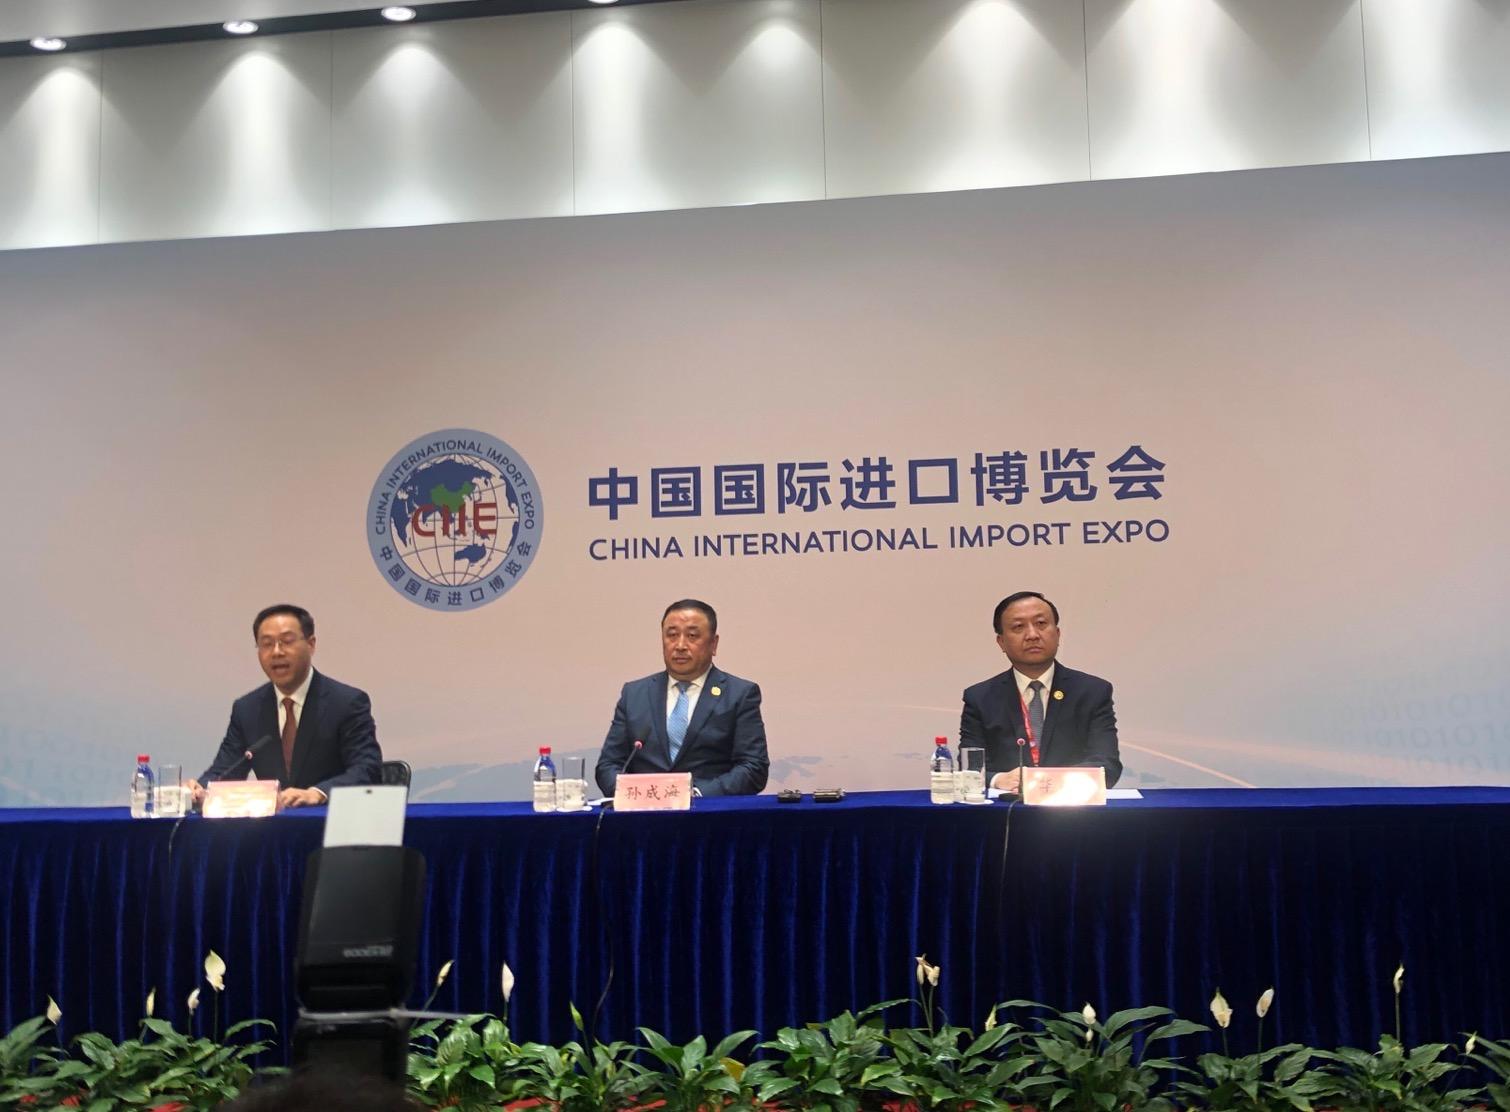 第二届中国国际进口博览会闭幕 累计意向成交711.3亿美元